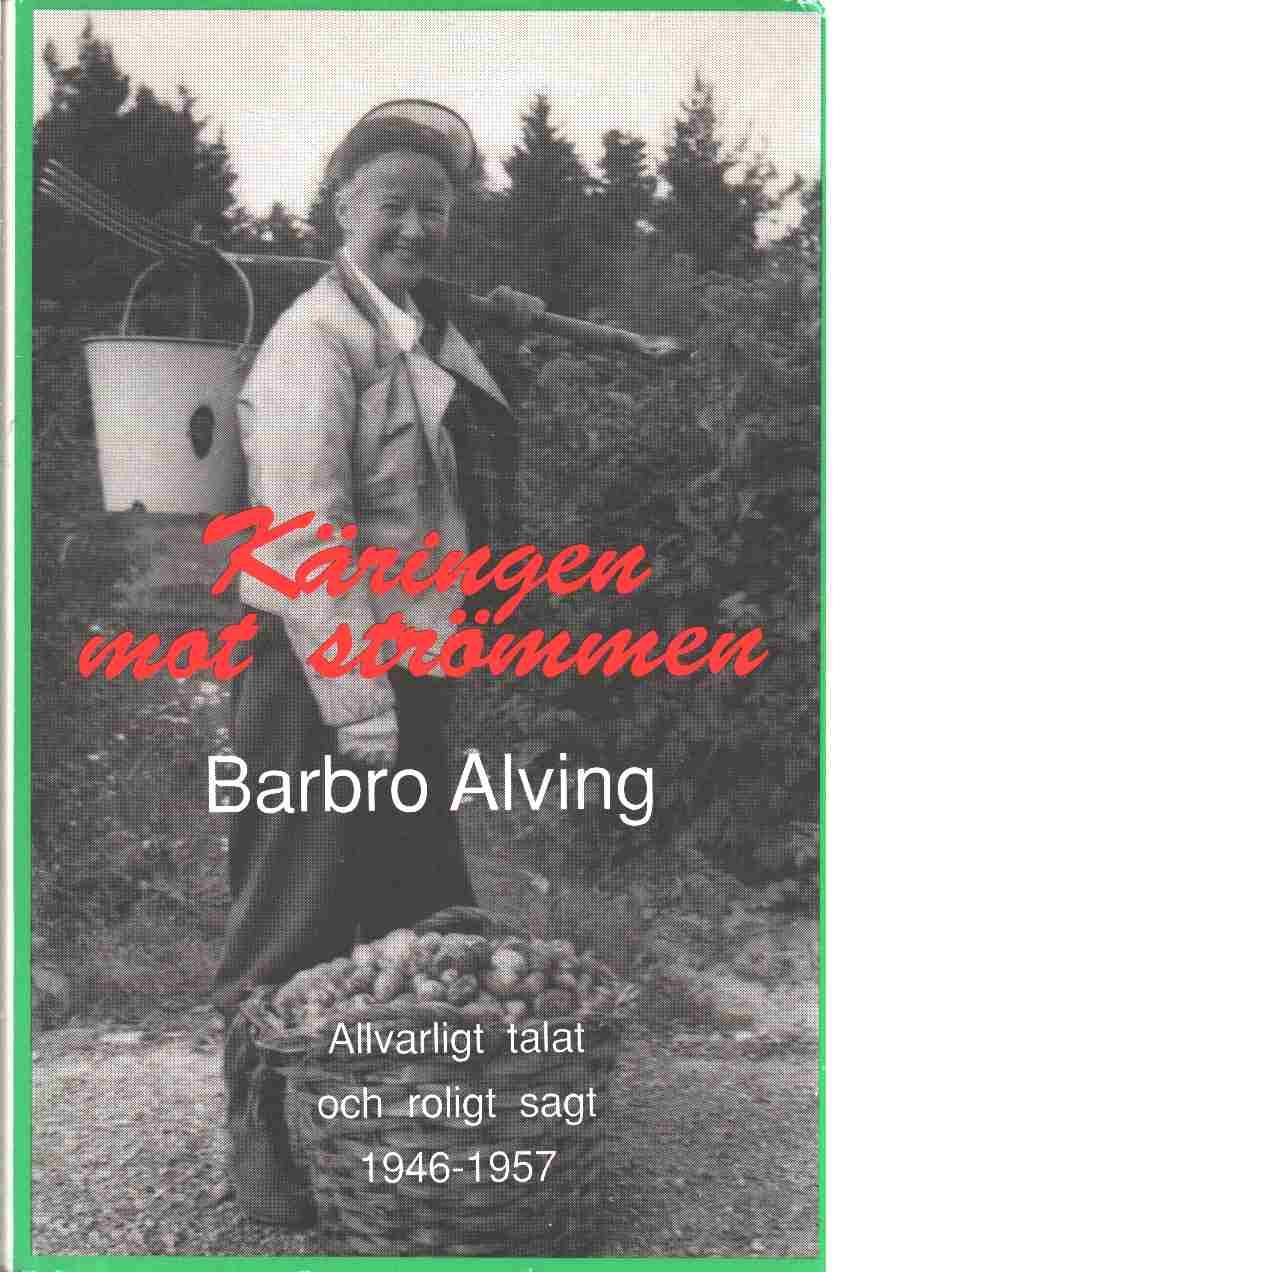 Käringen mot strömmen : allvarligt talat och roligt sagt. 1946-1958 - Alving, Barbro